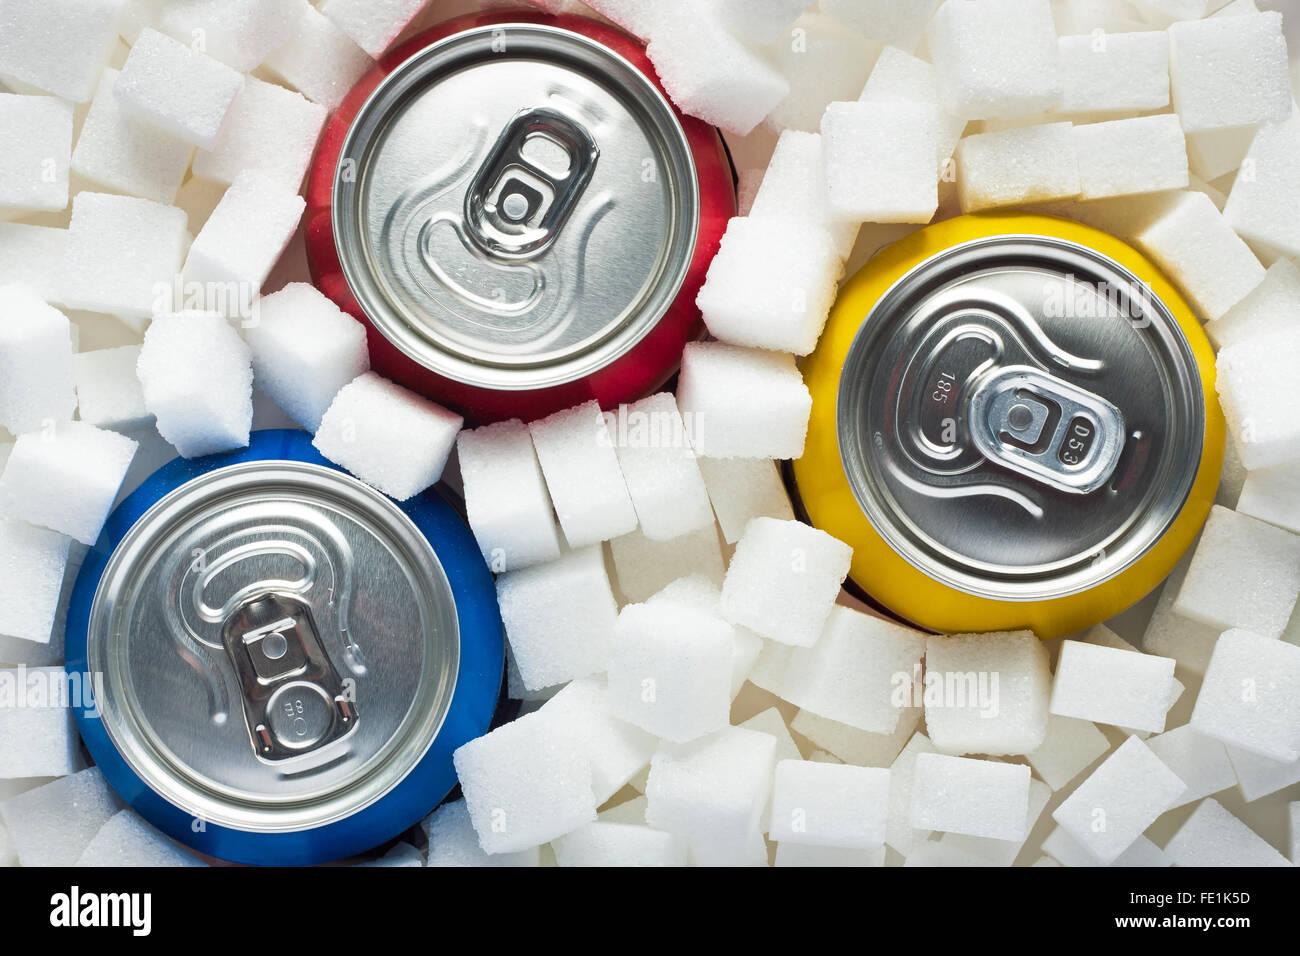 Cibo malsano concetto - Zucchero in bevande gassate. Zollette di zucchero come sfondo e le bibite in lattina Immagini Stock